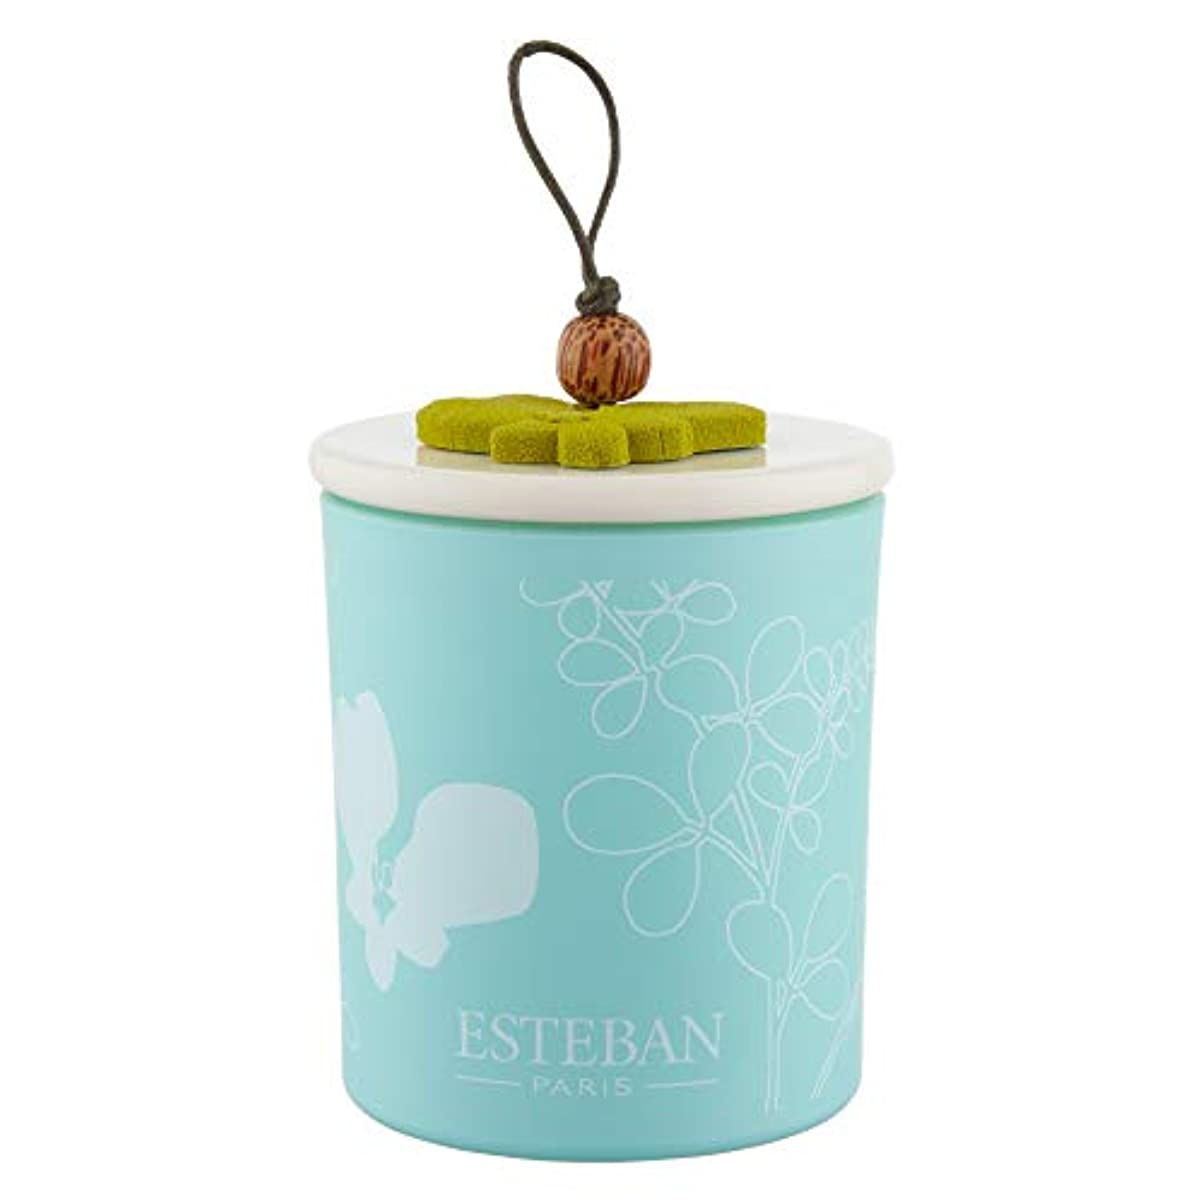 バトルプランテーションシェル[Esteban ] エステバンは、装飾されたキャンドル170グラムを香りOrchidee - Esteban Orchid?e Scented Decorated Candle 170g [並行輸入品]